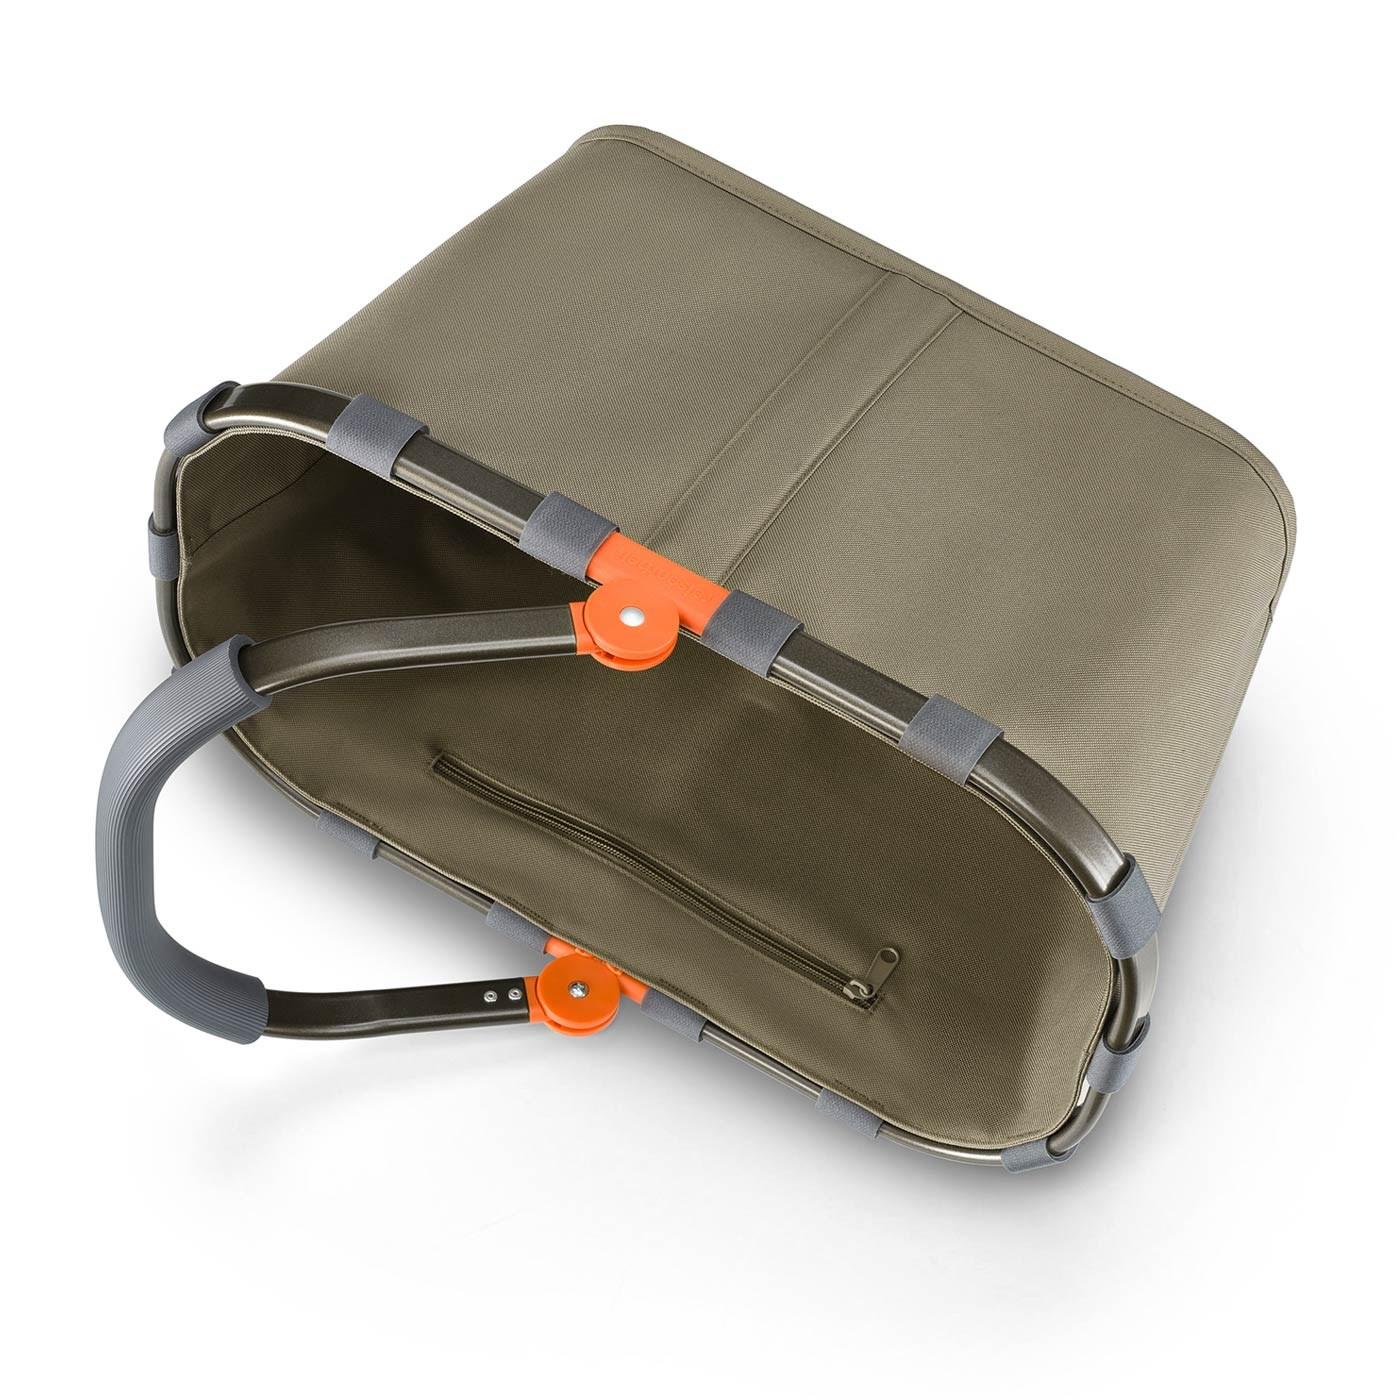 Nákupní košík Carrybag frame olive green_0